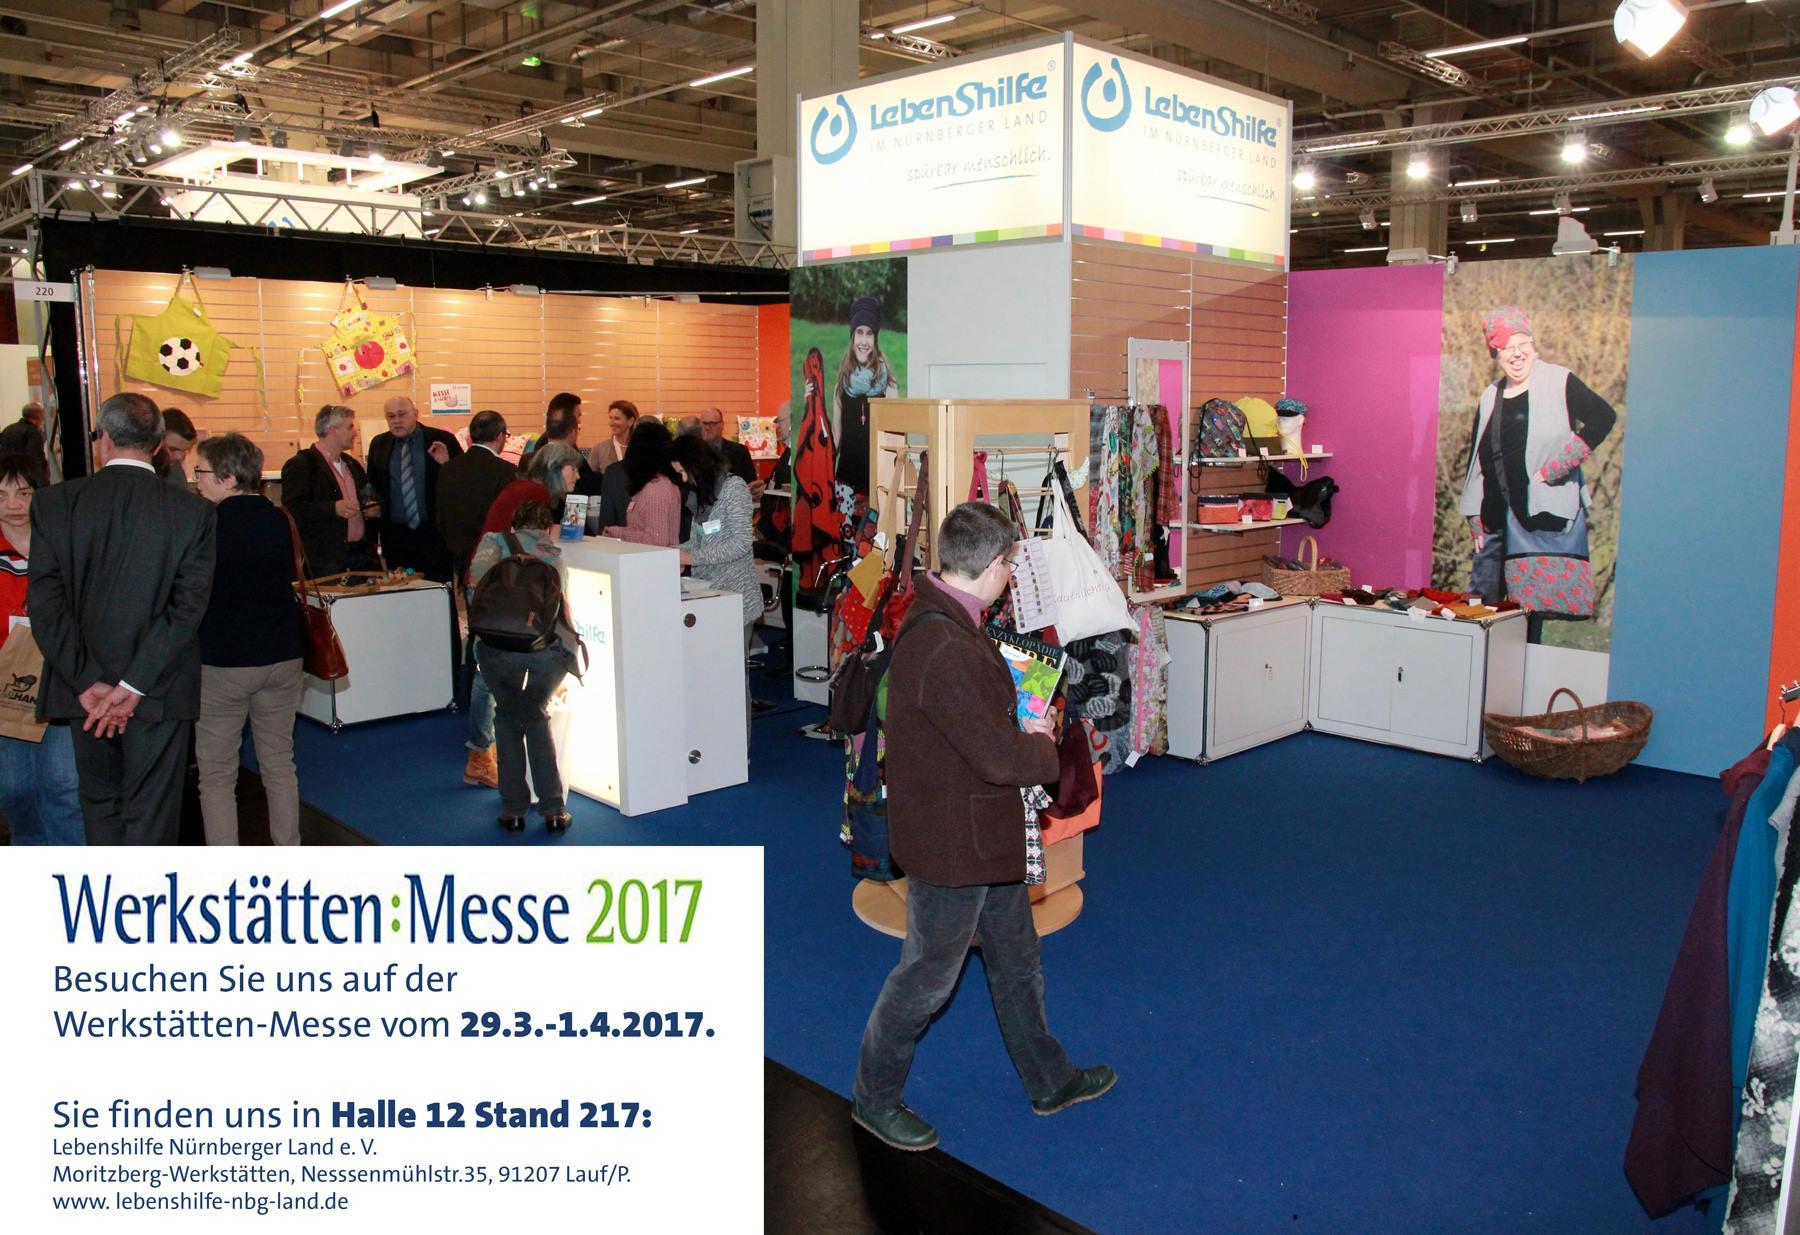 Werkstättenmesse in Nürnberg, 31.3.-1.4.2017 Bühne und Debüt für die neuen Marken moritz.kid und moritz.home. Messebild: Archiv Lebenshilfe.